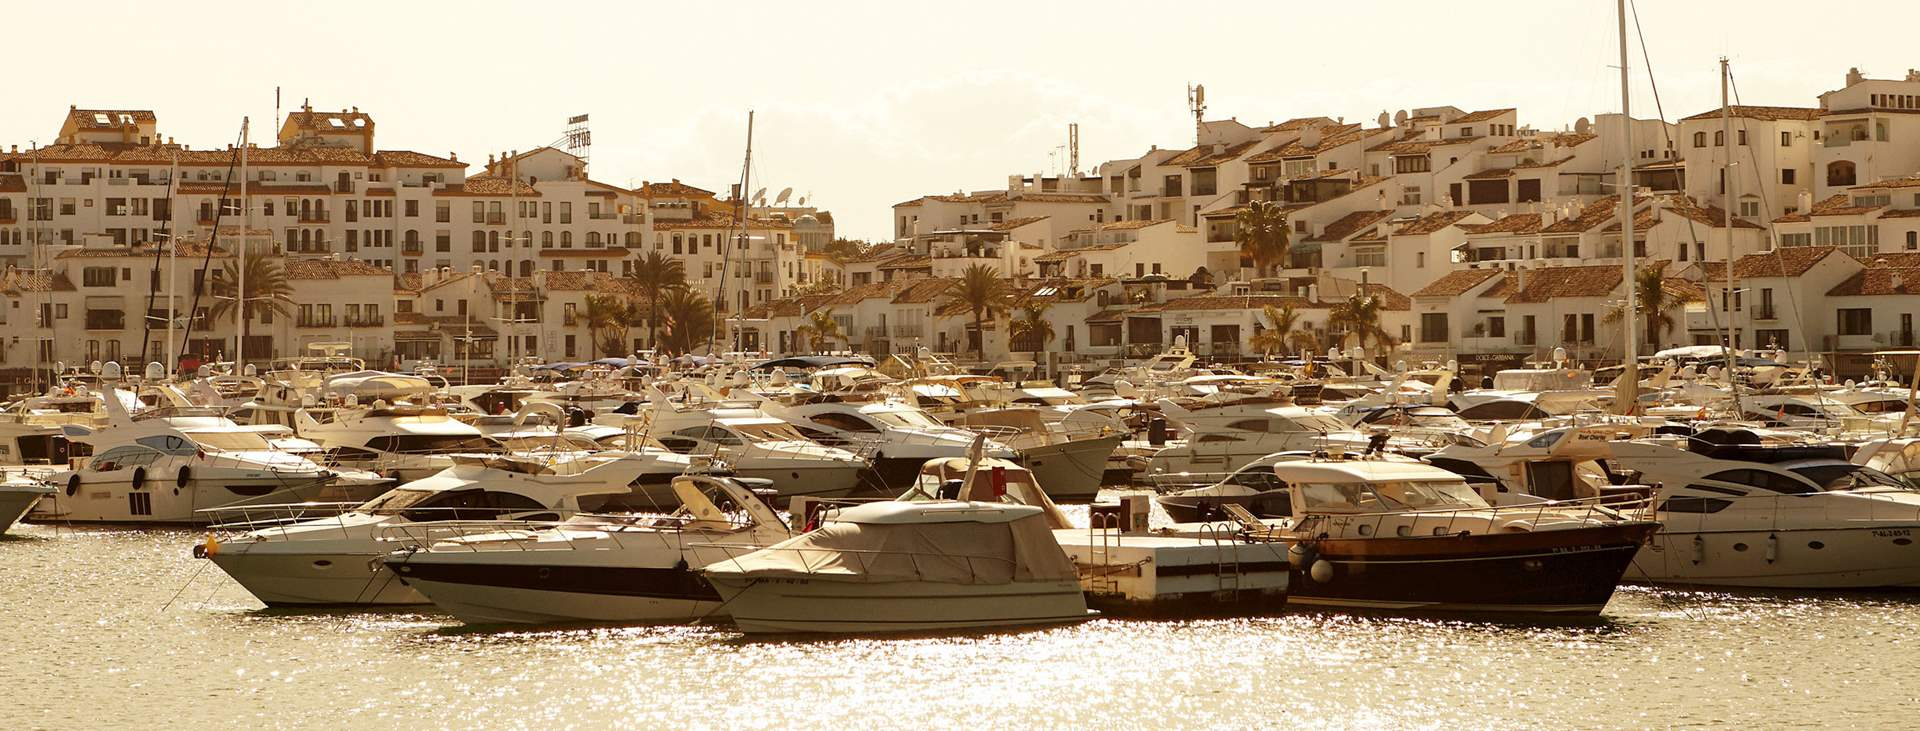 Reiser til Costa del Sol i Spania